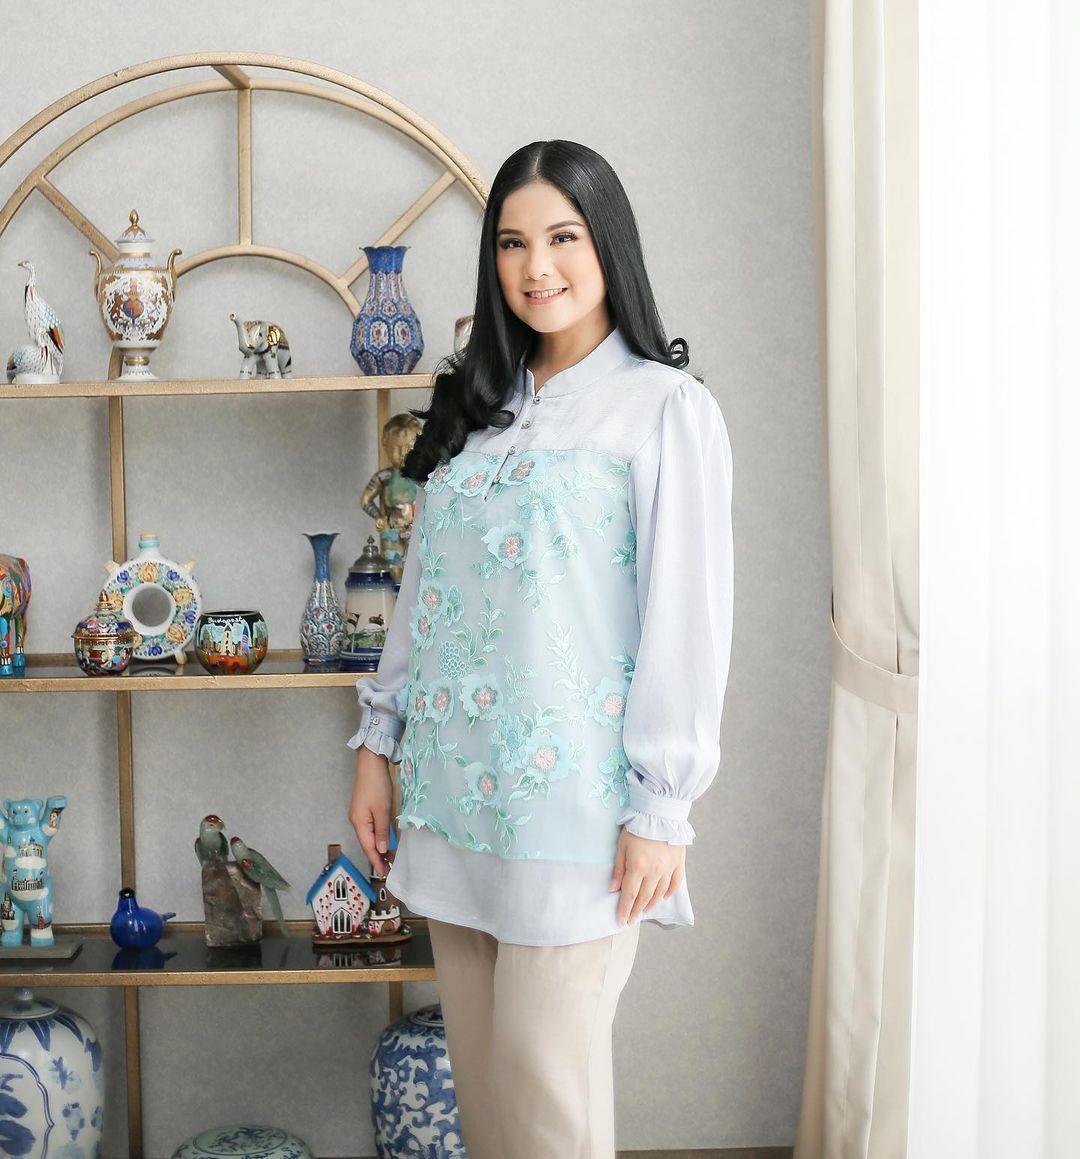 Gaya Artis yang Sukses Jadi Istri Pejabat Indonesia, Menteri Juga Ada!